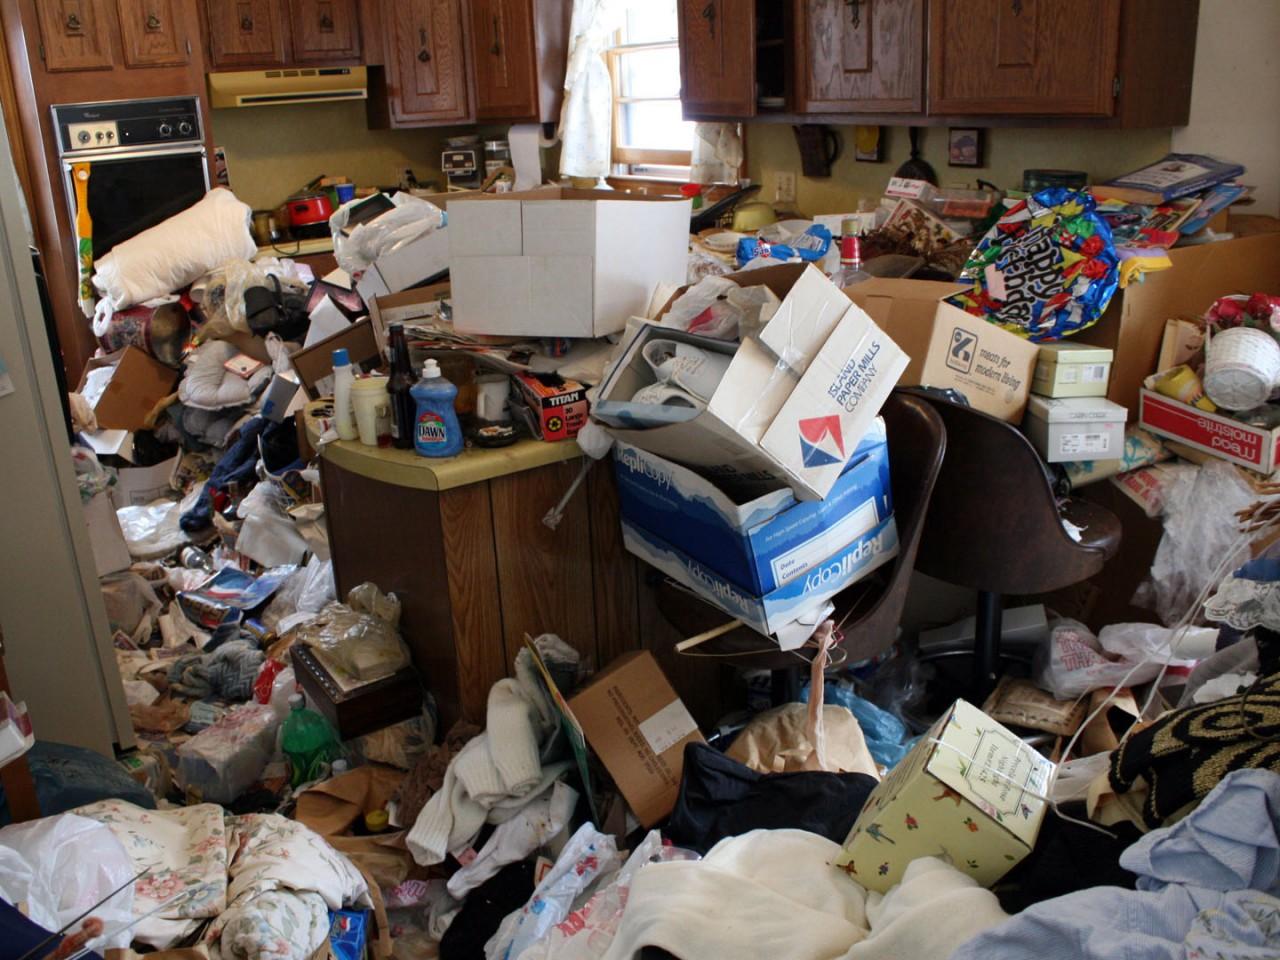 Завалы мусора в квартире